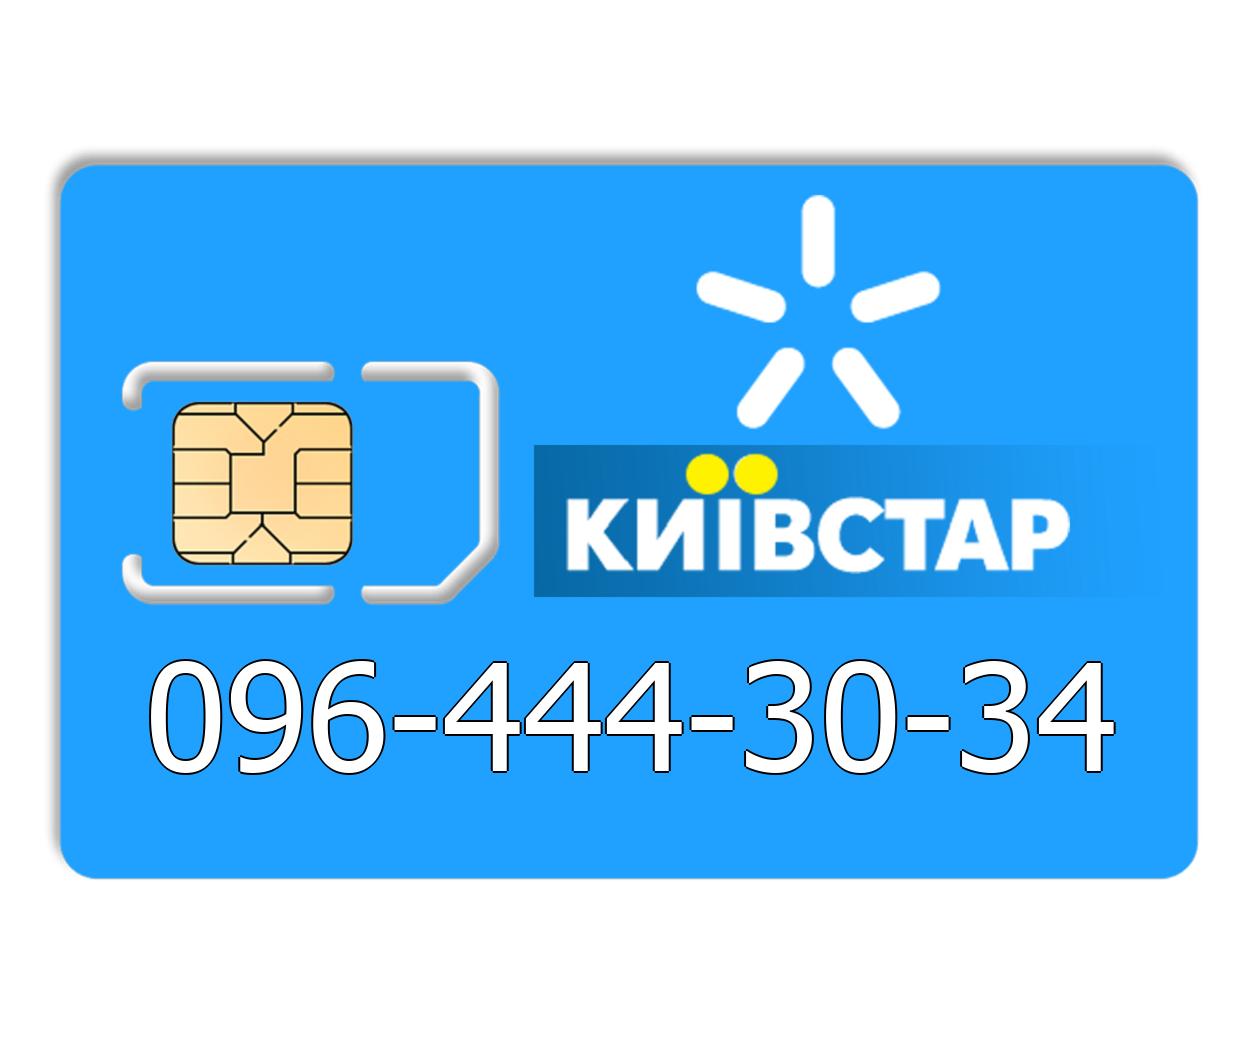 Красивый номер Киевстар 096-444-30-34